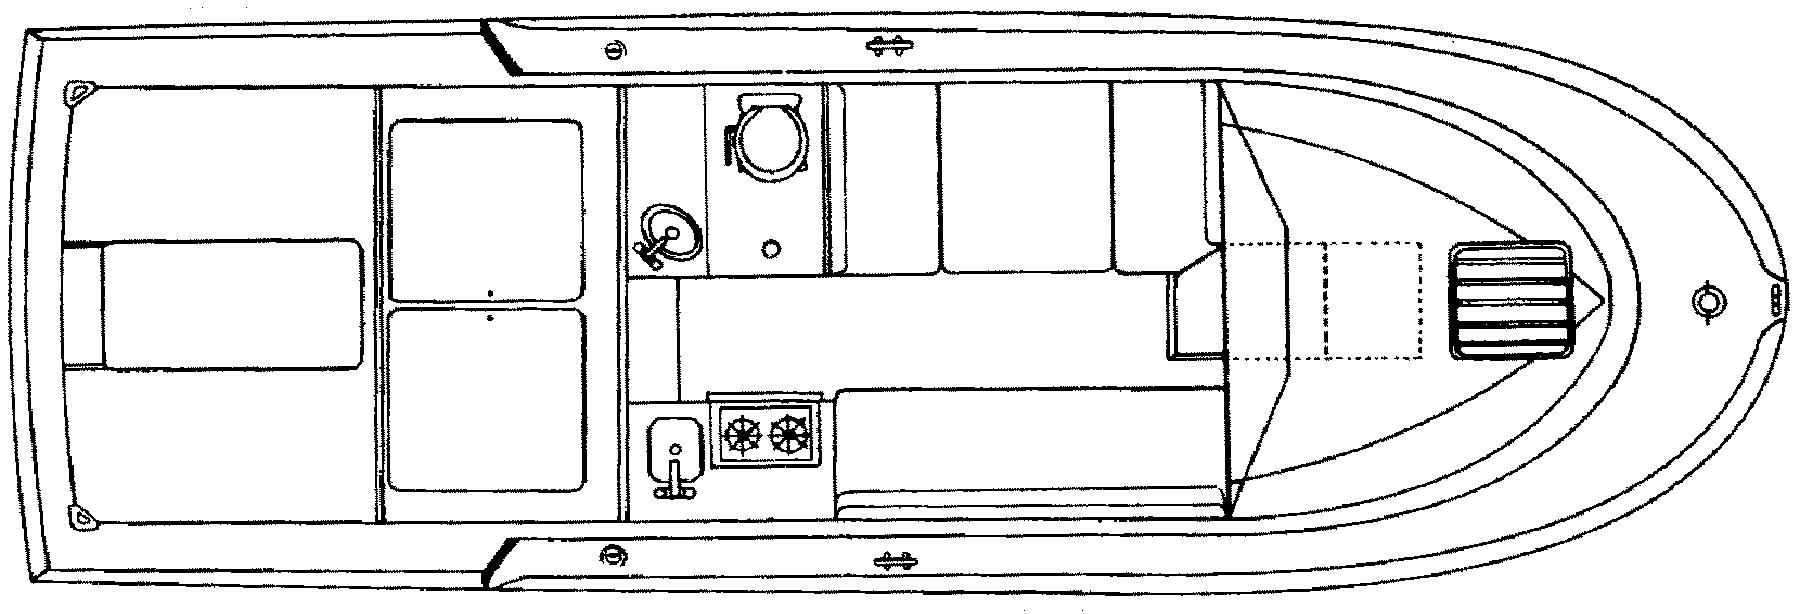 29 Convertible Floor Plan 1